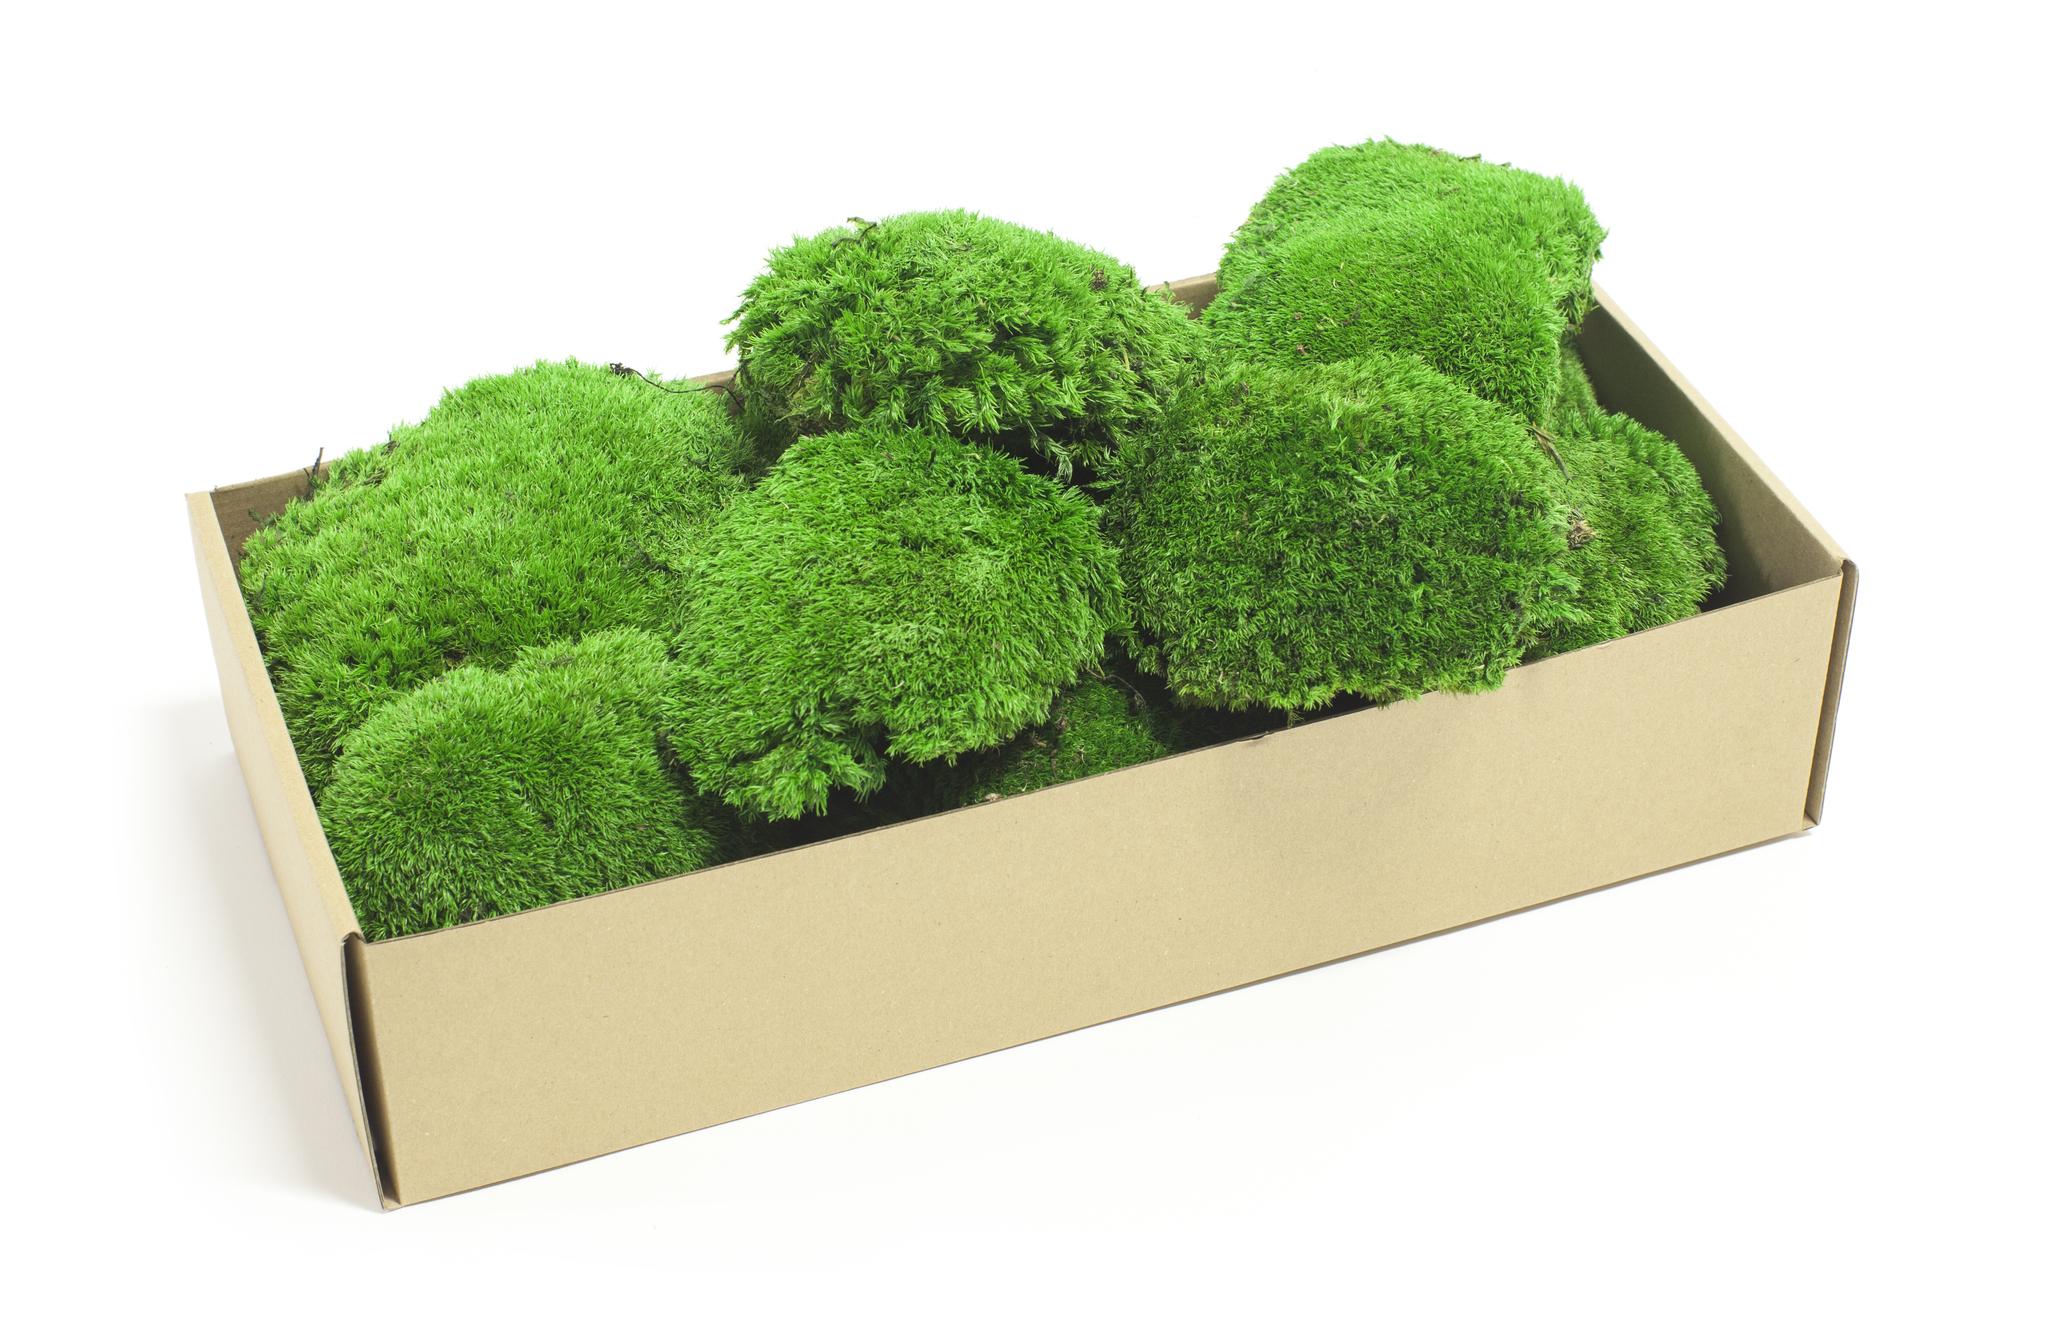 стабилизированный мох кочками в коробке